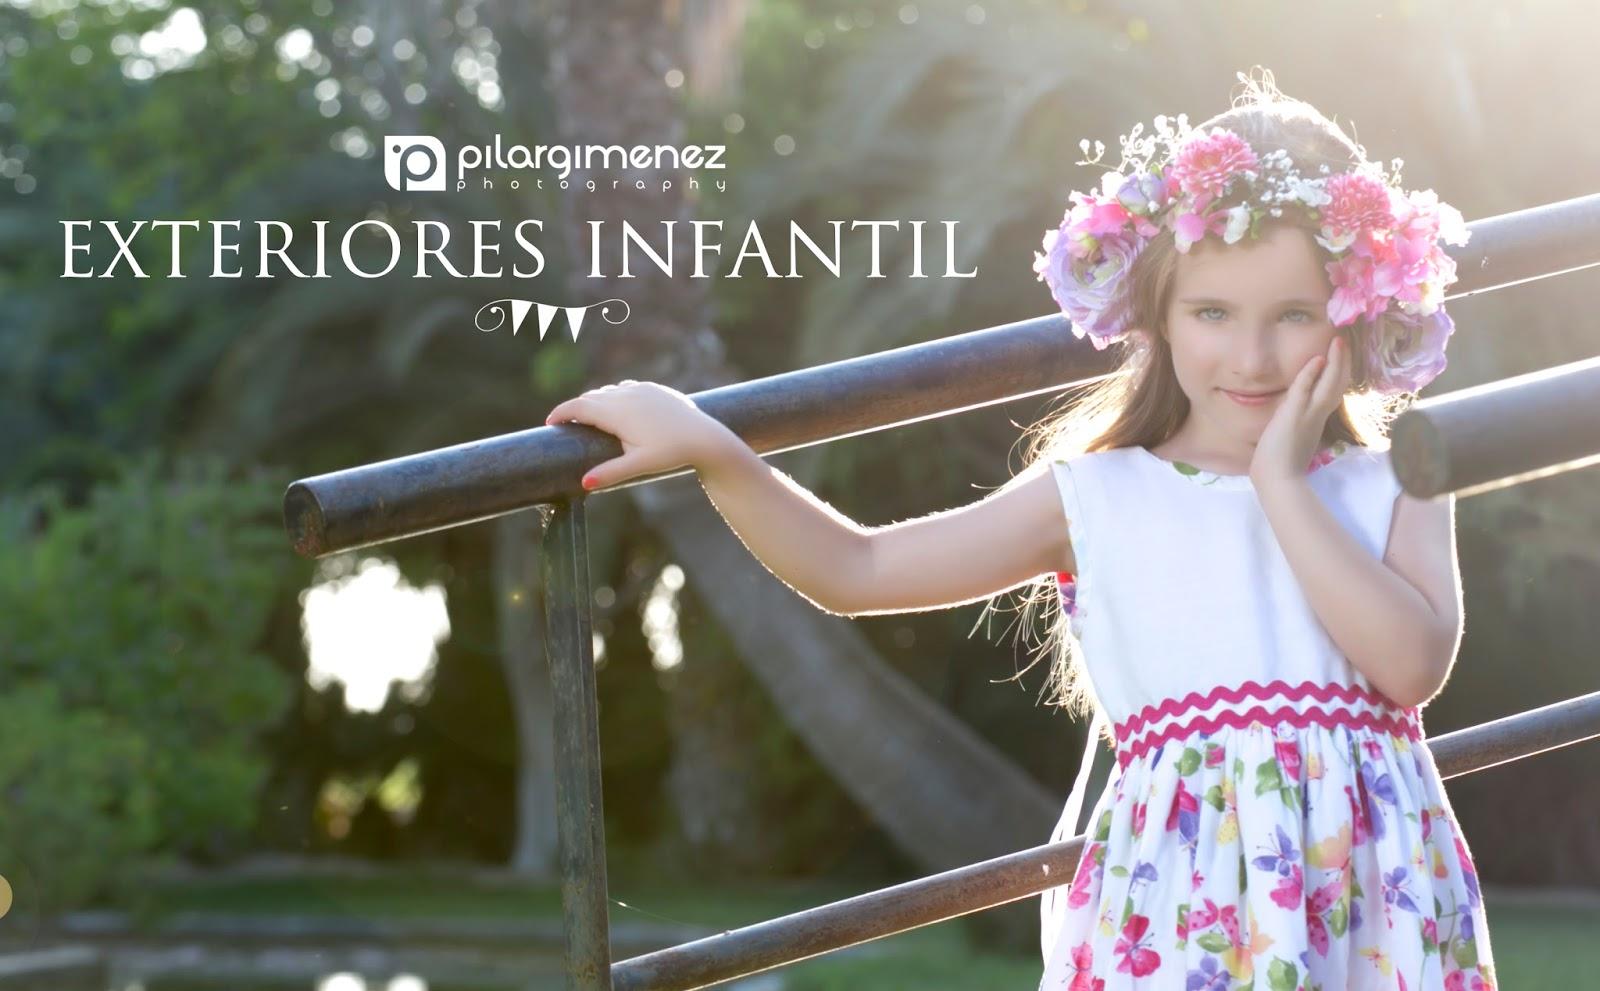 Sesión Exteriores Infantil Pilar Giménez Blog